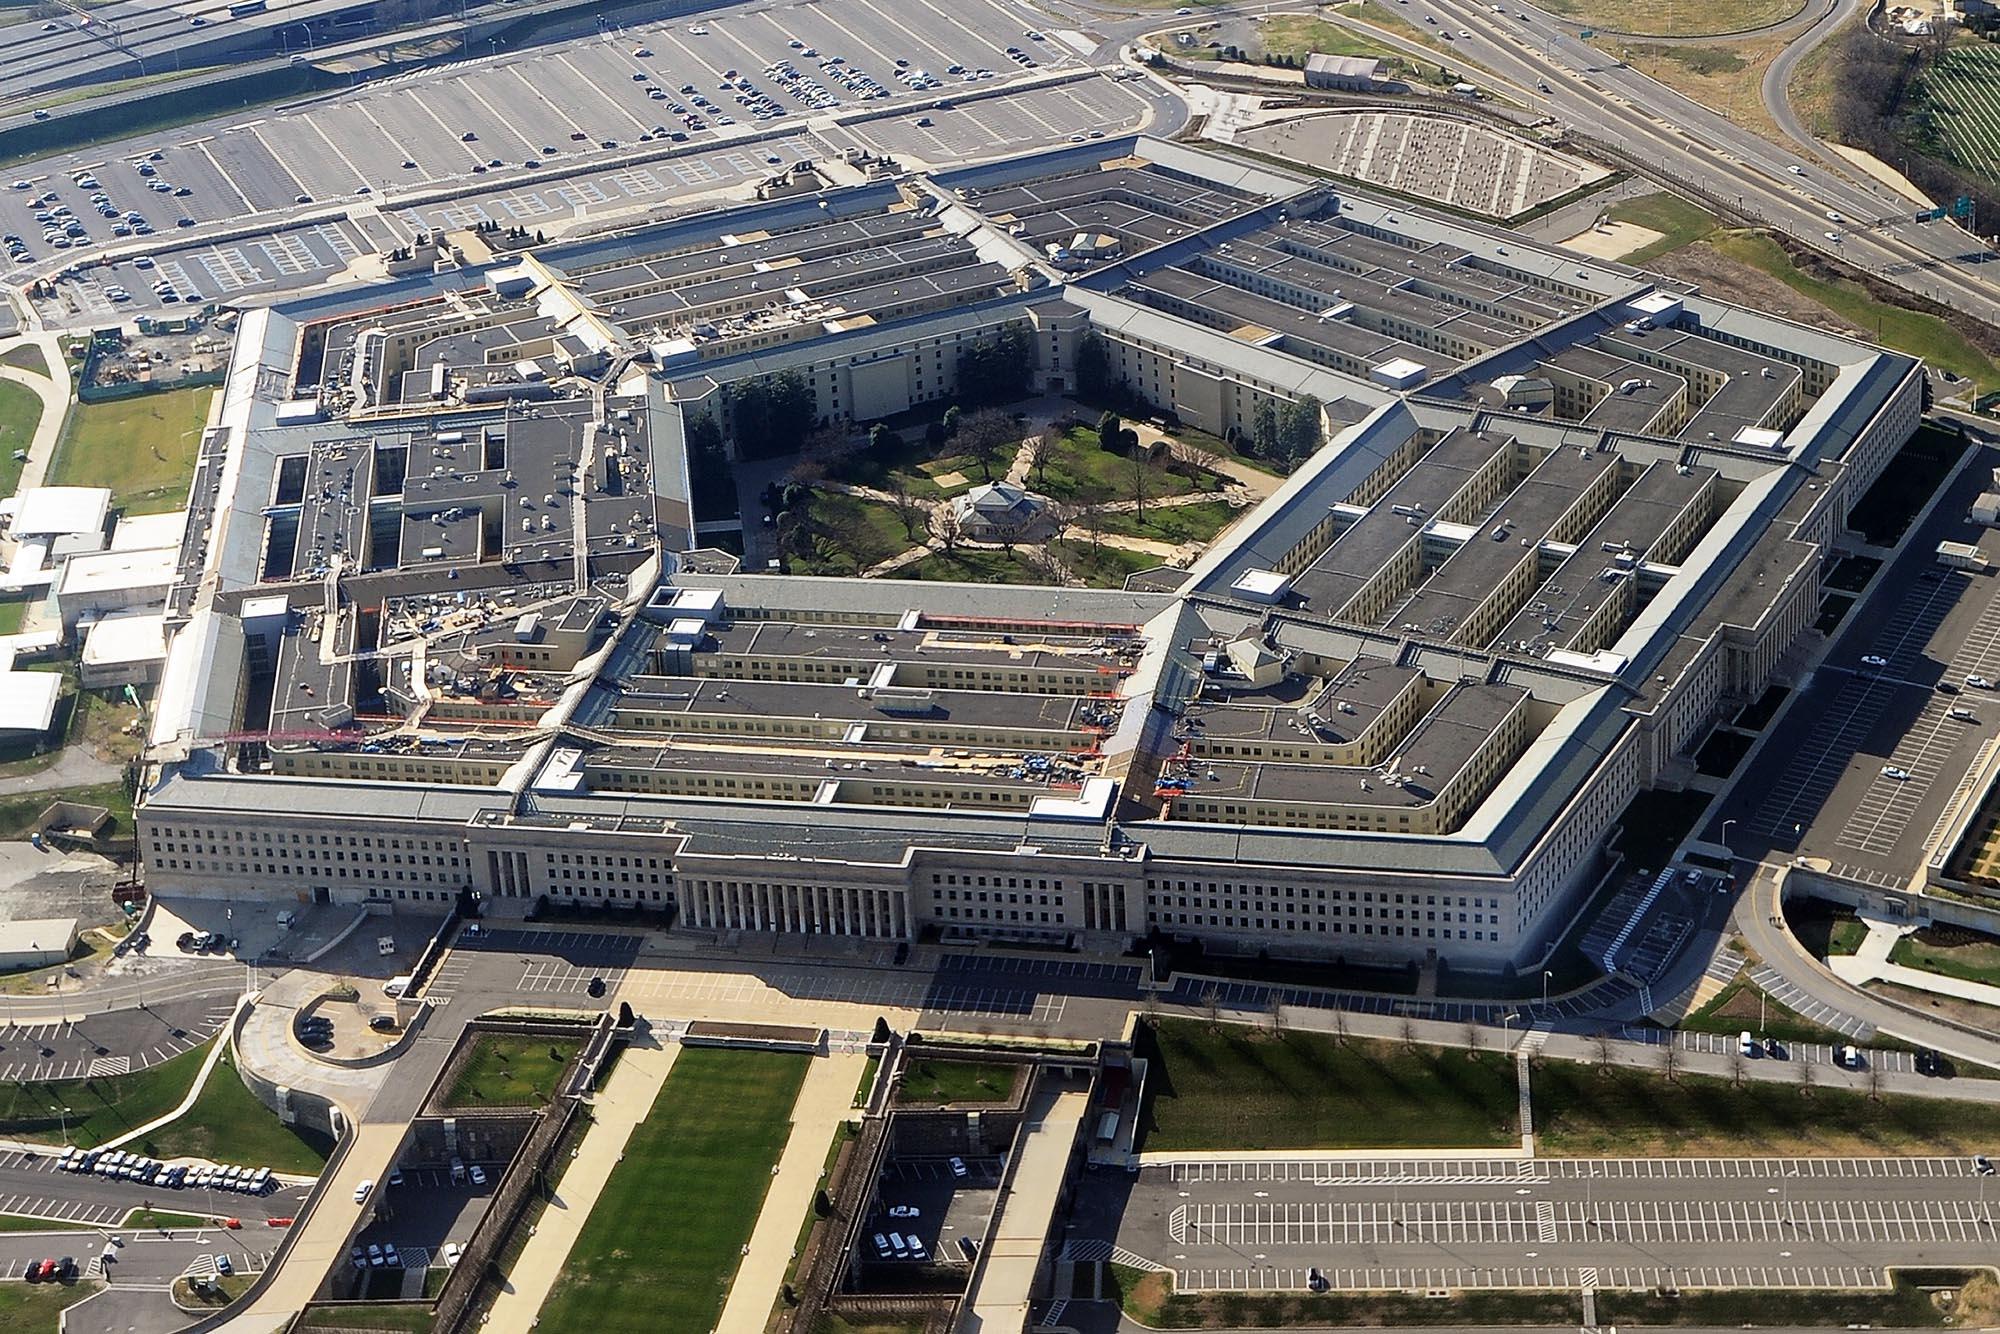 البنتاغون: مقتل عسكري أميركي شمال العراق